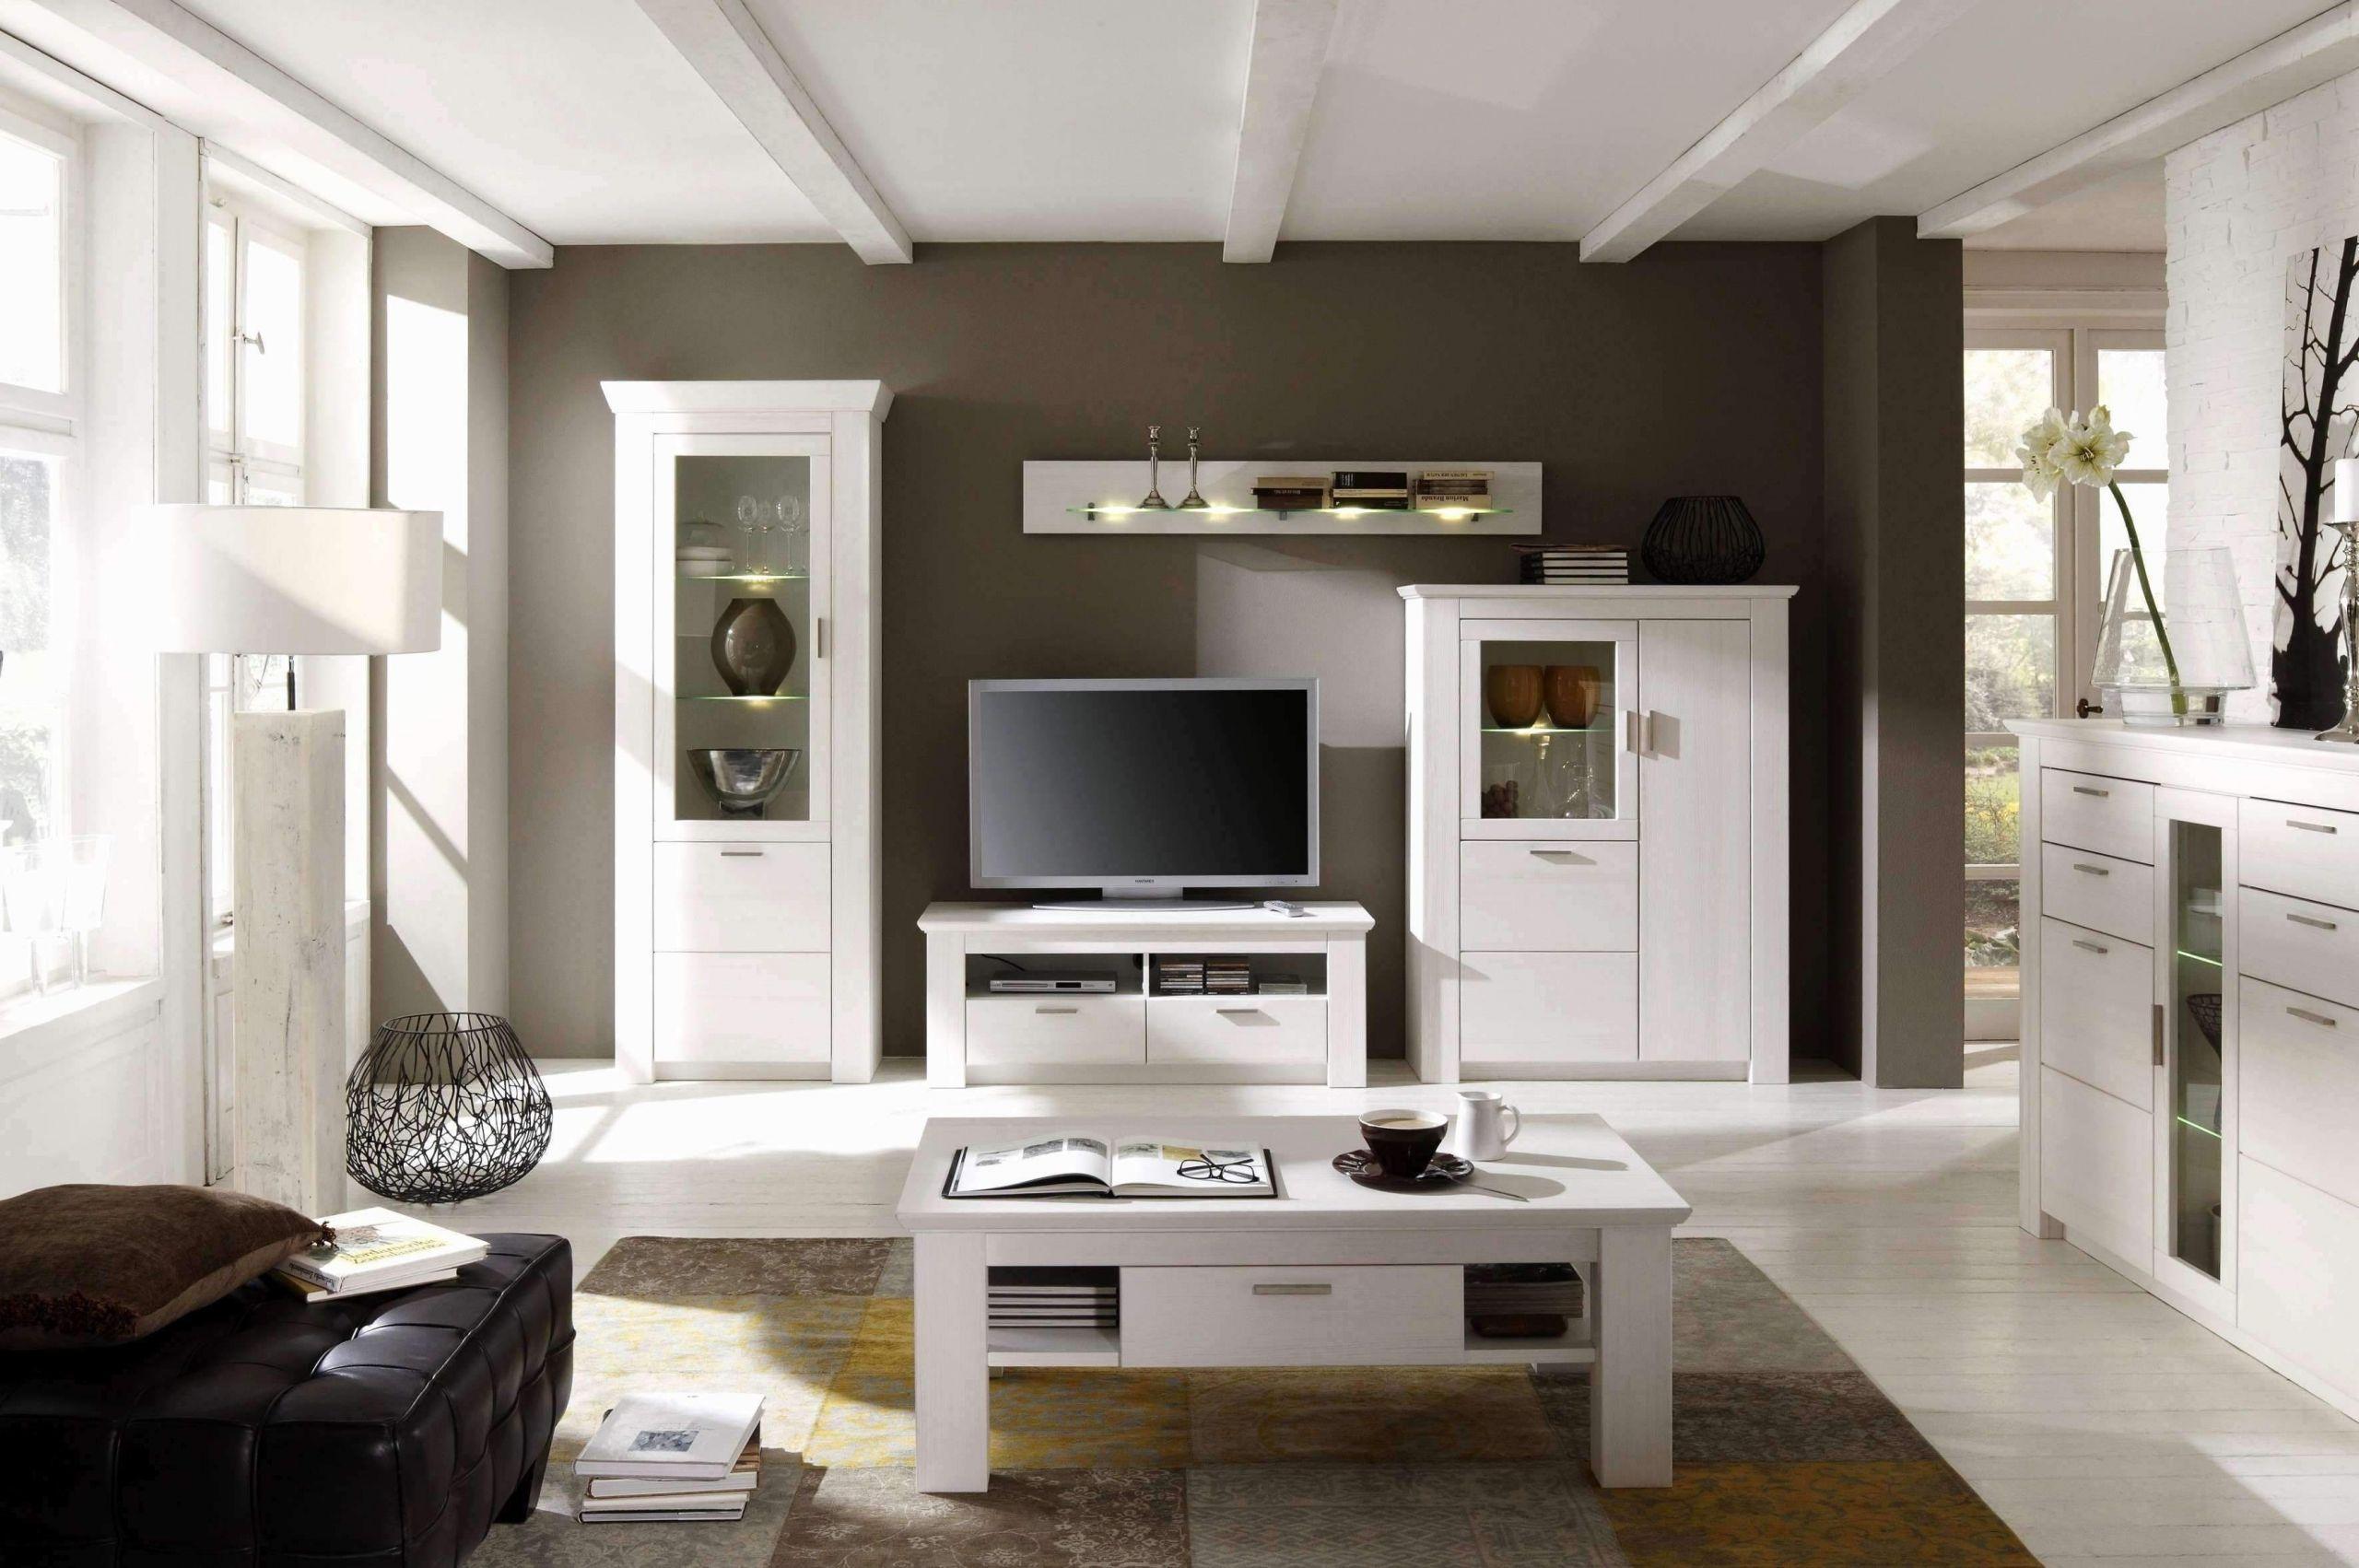 wohnzimmer dekoration elegant wohnzimmer regale einzigartig deko ideen diy attraktiv regal of wohnzimmer dekoration